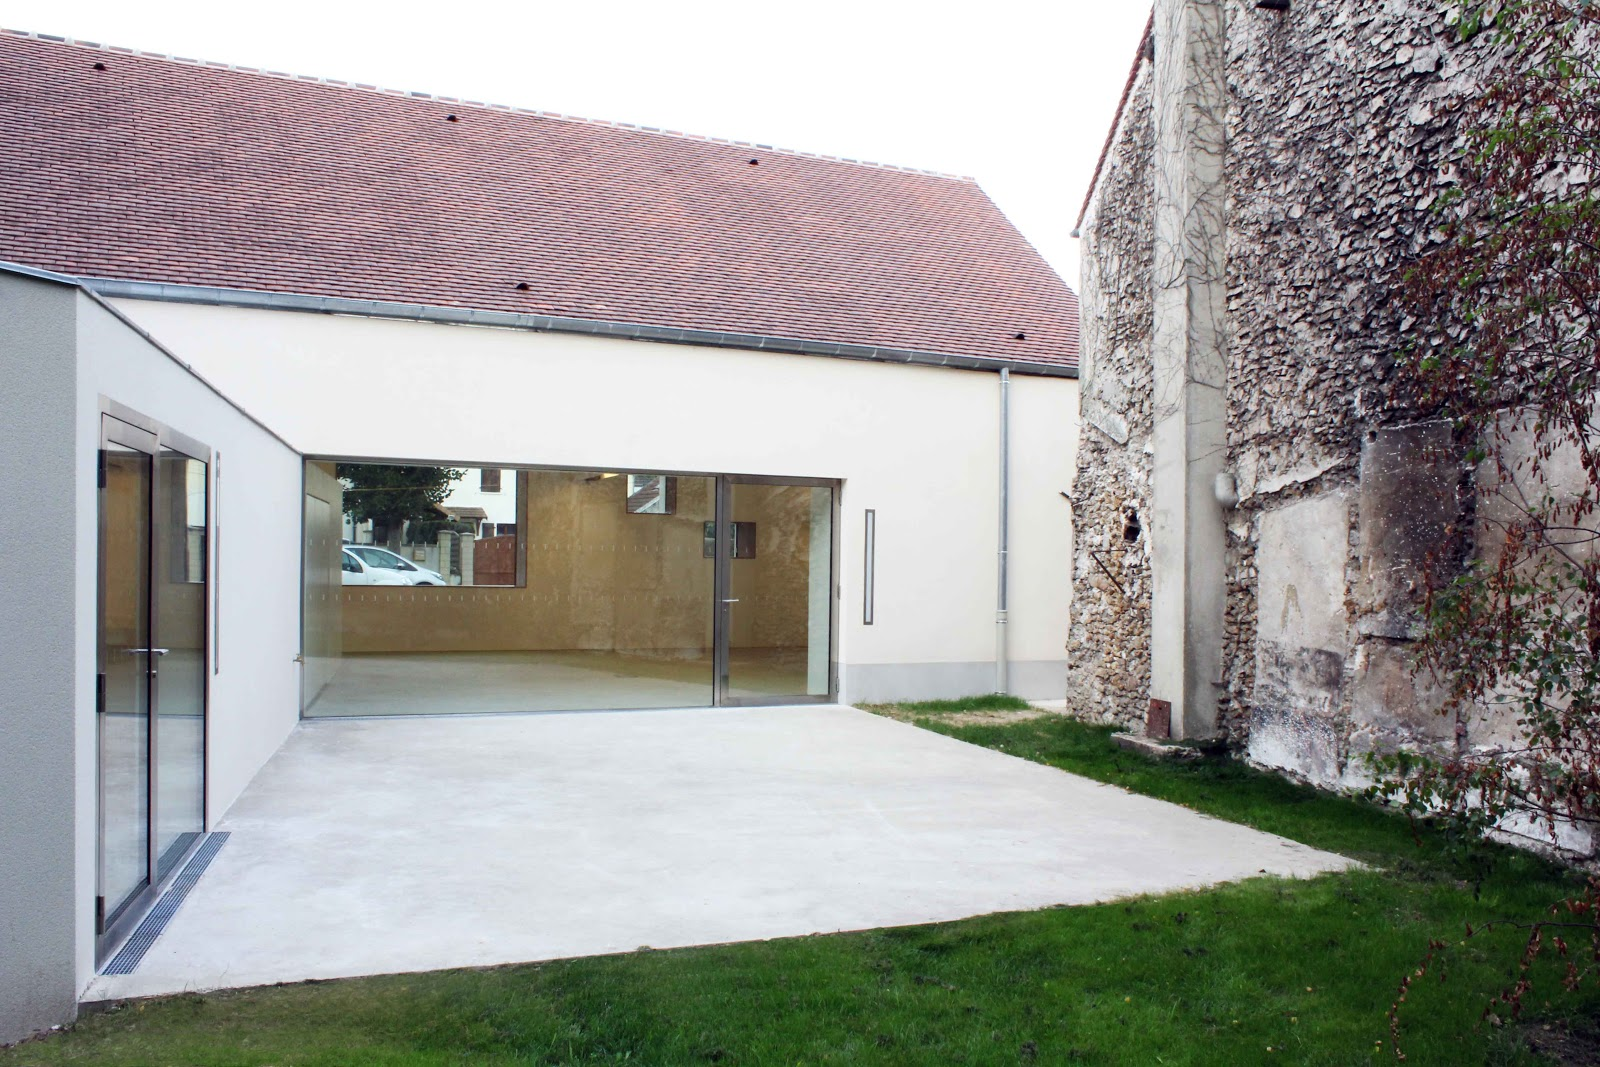 Owa agence d 39 architecture r habilitation de la grange le coq fai - Cout rehabilitation grange ...